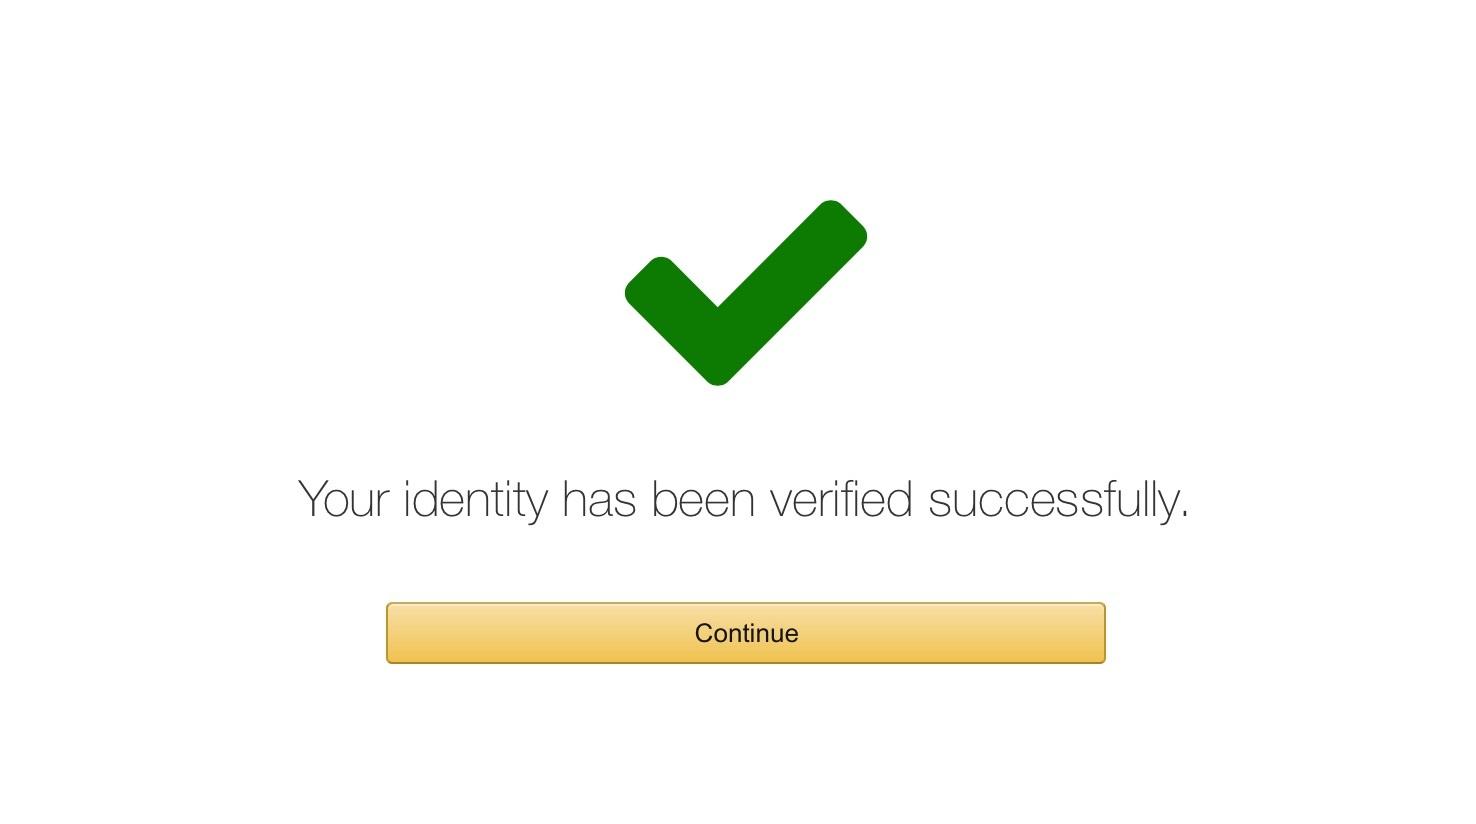 đăng ký tài khoản amazon free tier - 6